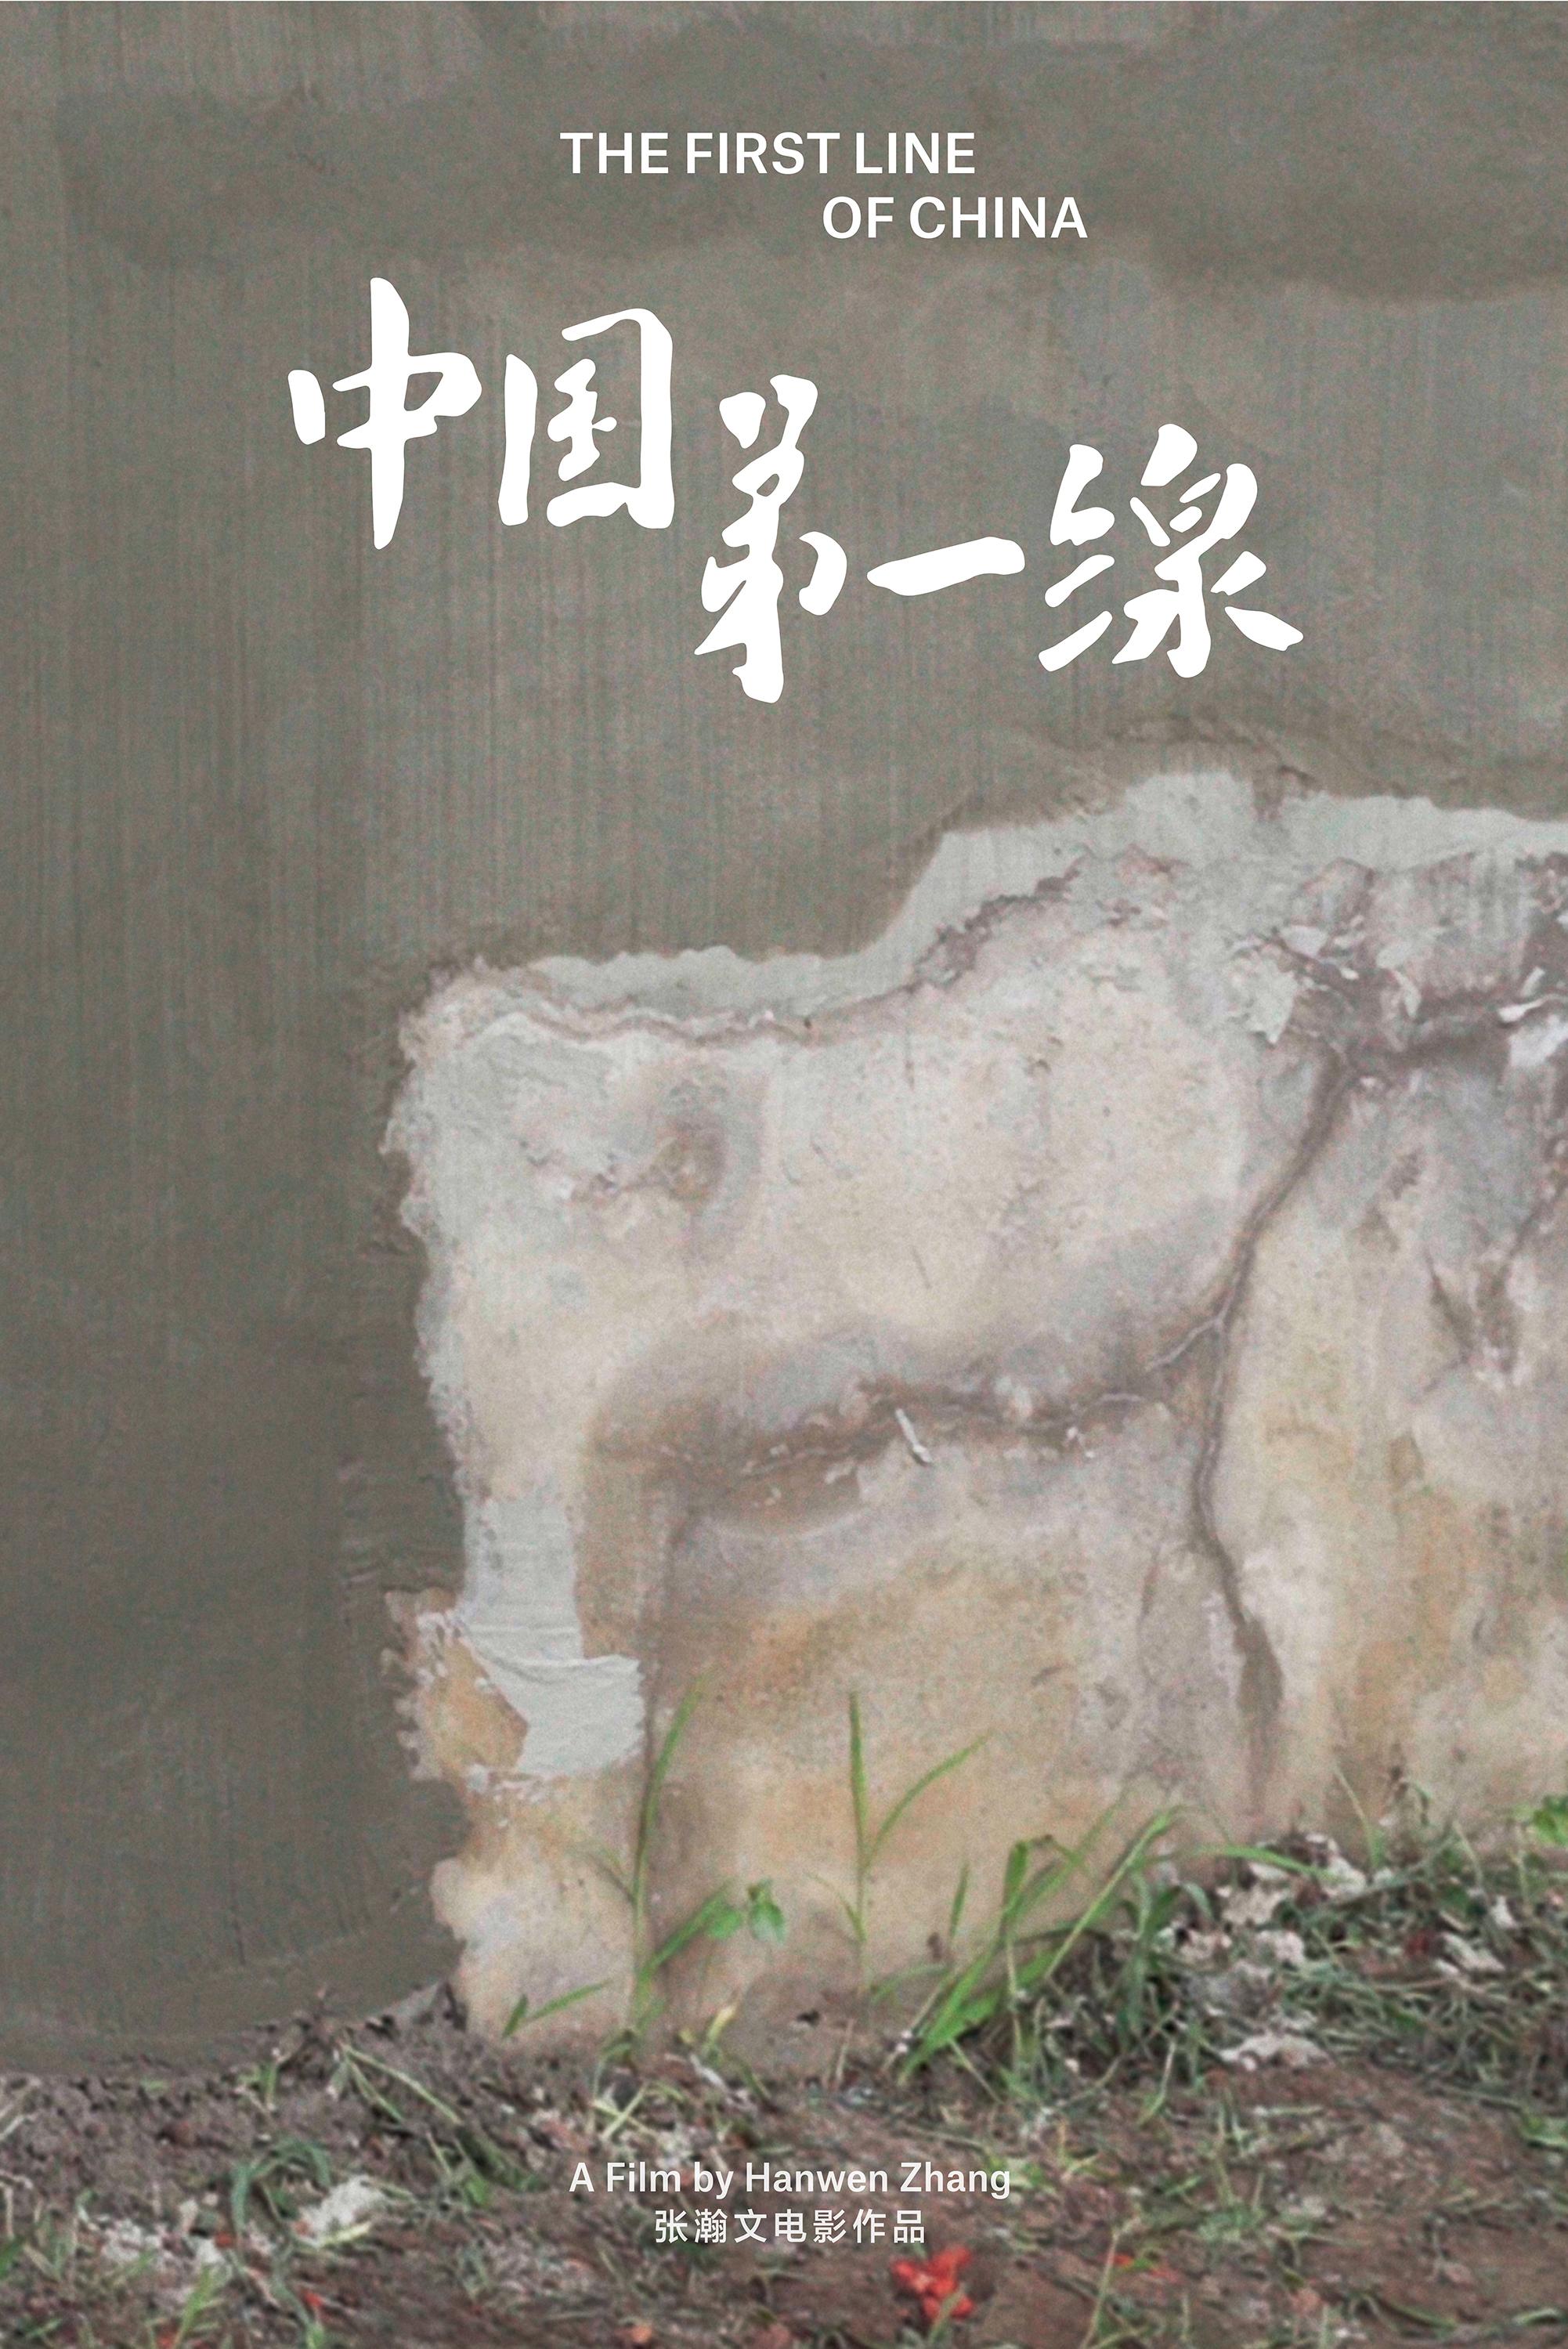 6.16-Poster-NoLogo.jpg